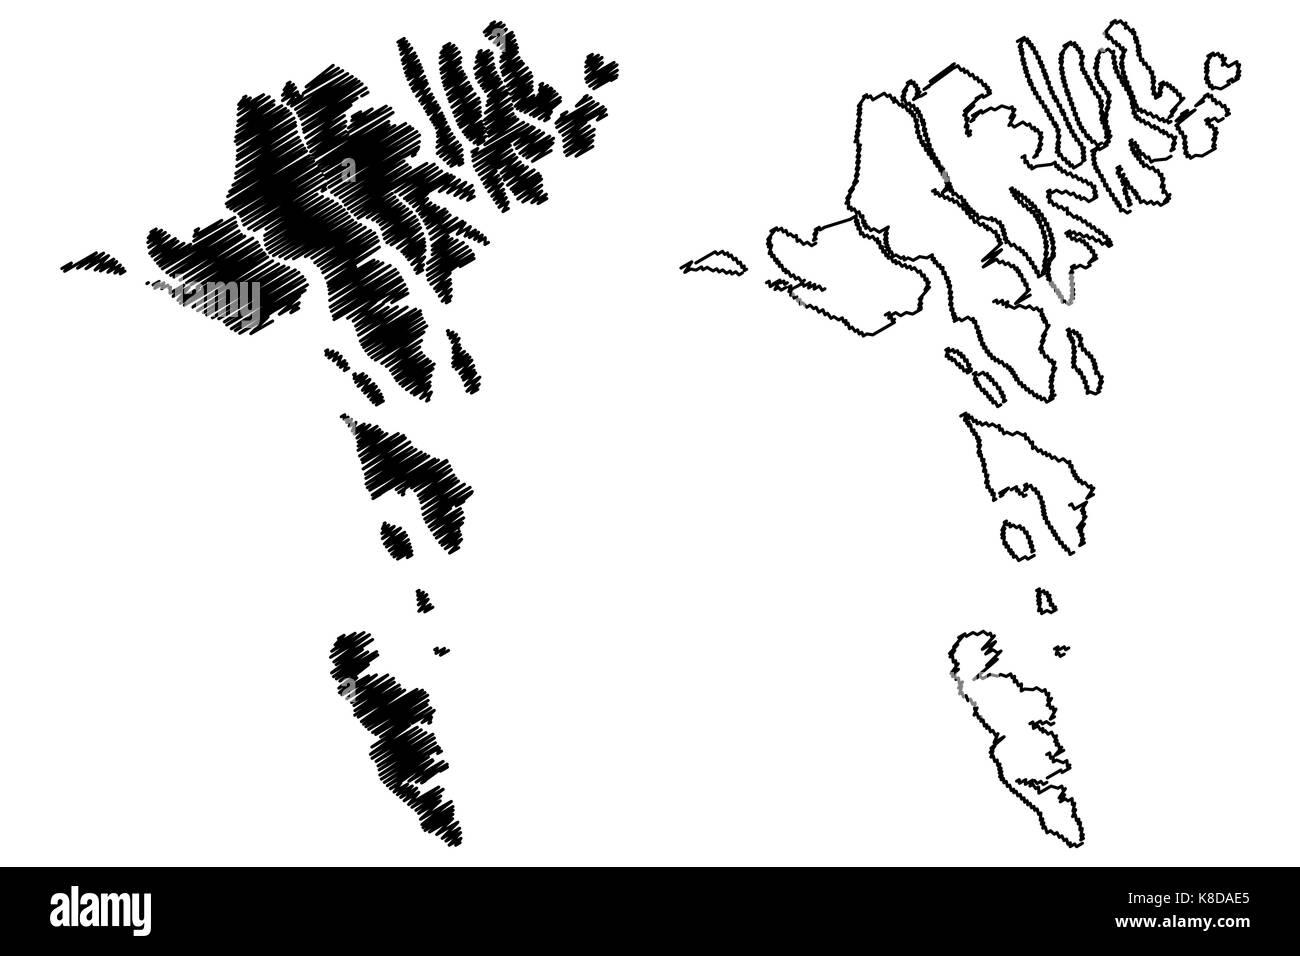 Faroer Inseln Karte Vektor Illustration Kritzeln Skizze Faroer